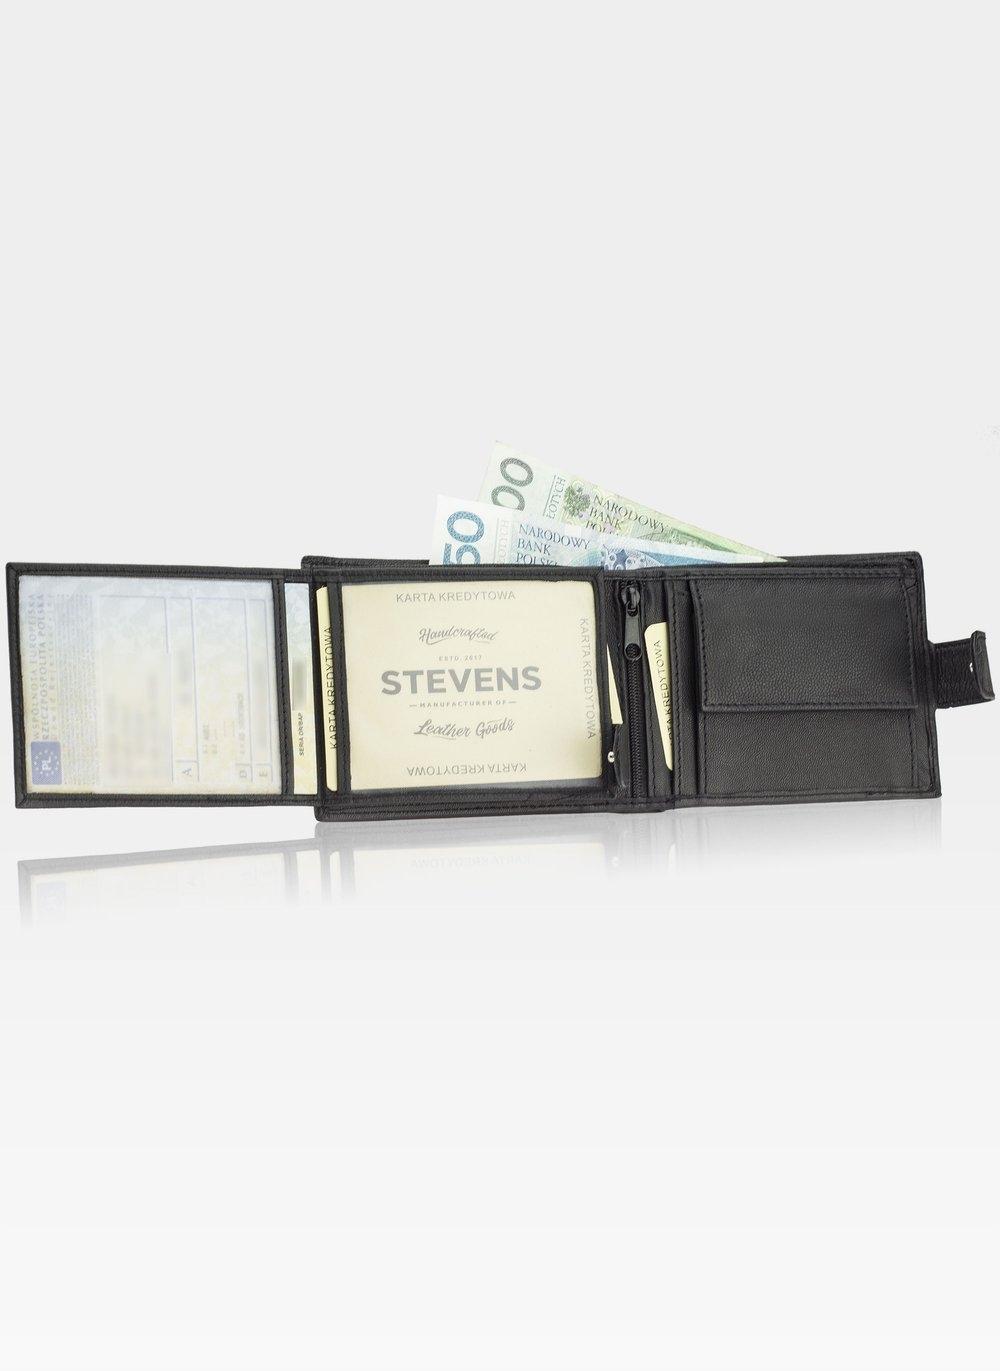 STEVENS GIFT SET Wallet Men's Belt LEATHER Color of fittings: silver